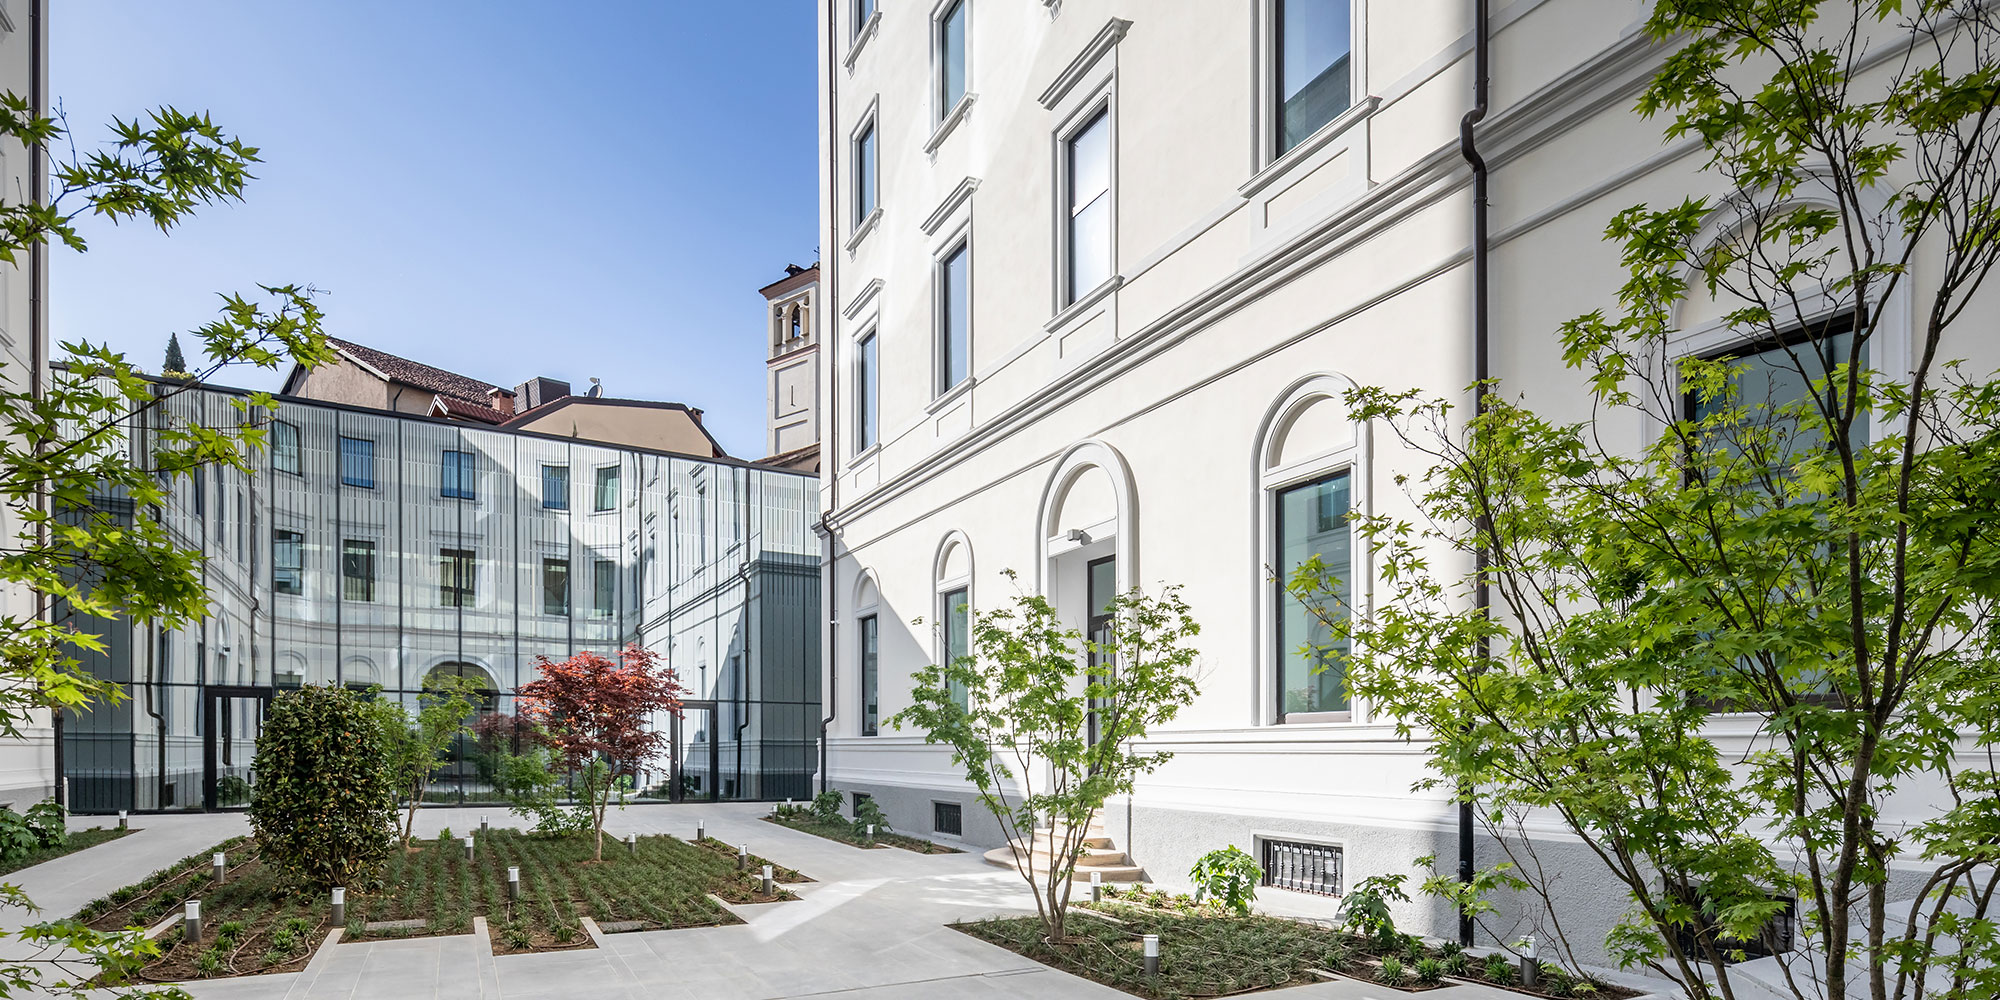 Vittorio Grassi Architetto and Partners Diego De Pol, courtesy Vittorio Grassi Architetto and Partners